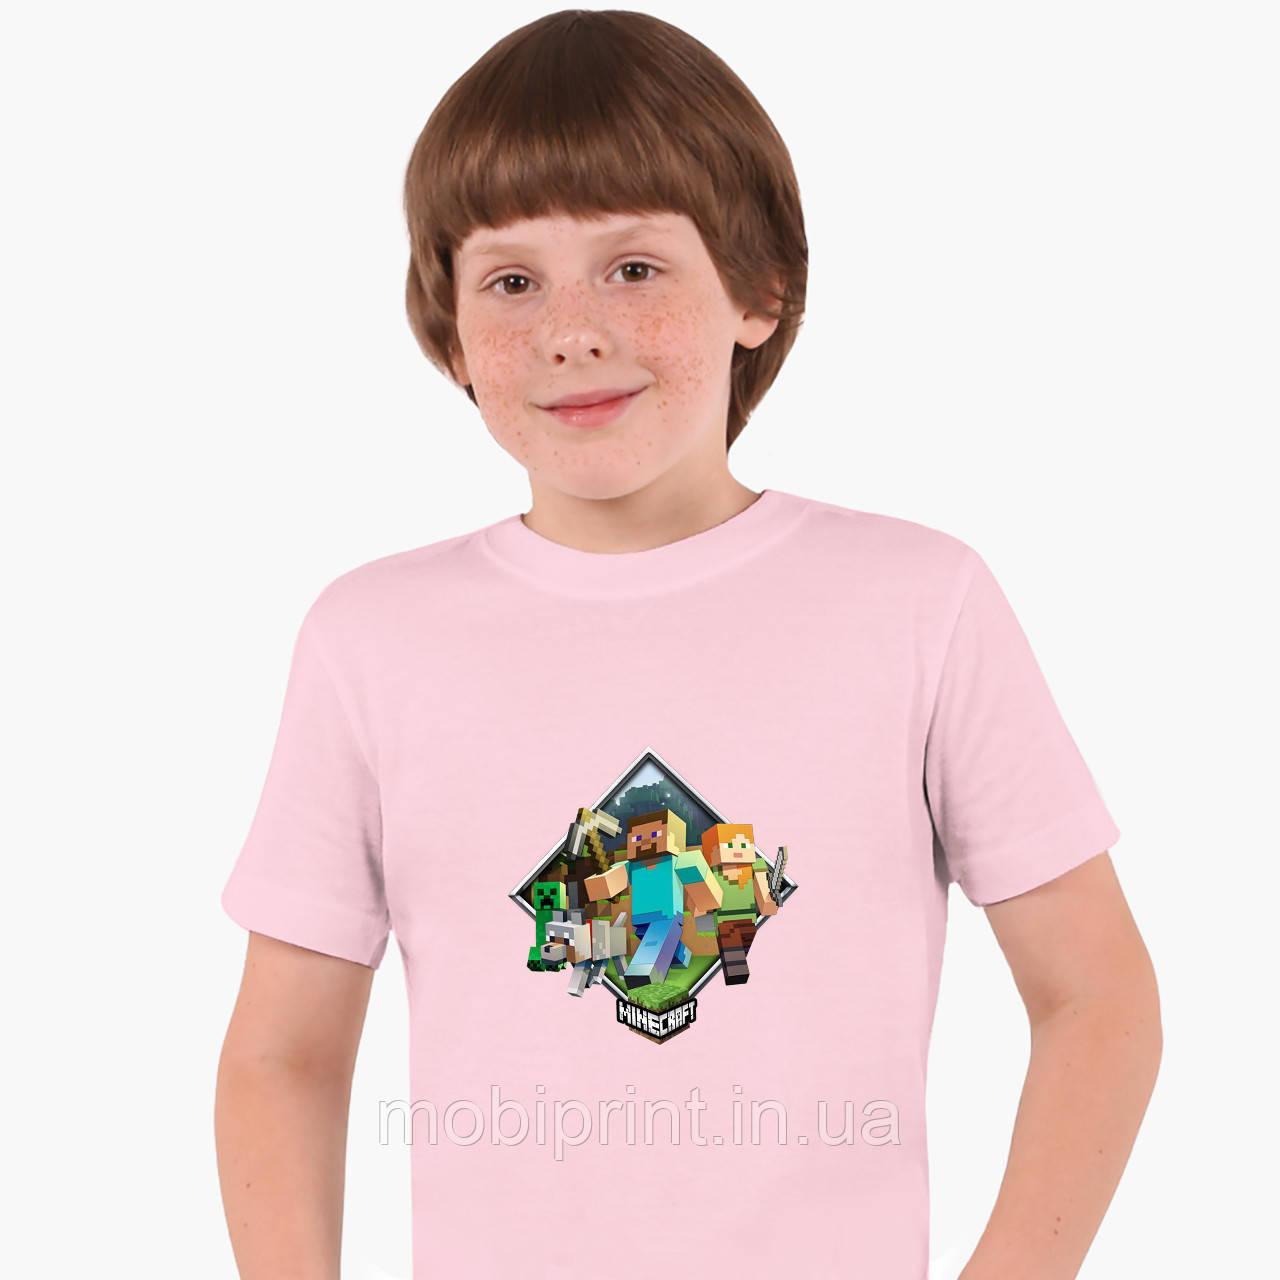 Детская футболка для мальчиков Майнкрафт (Minecraft) (25186-1175) Розовый